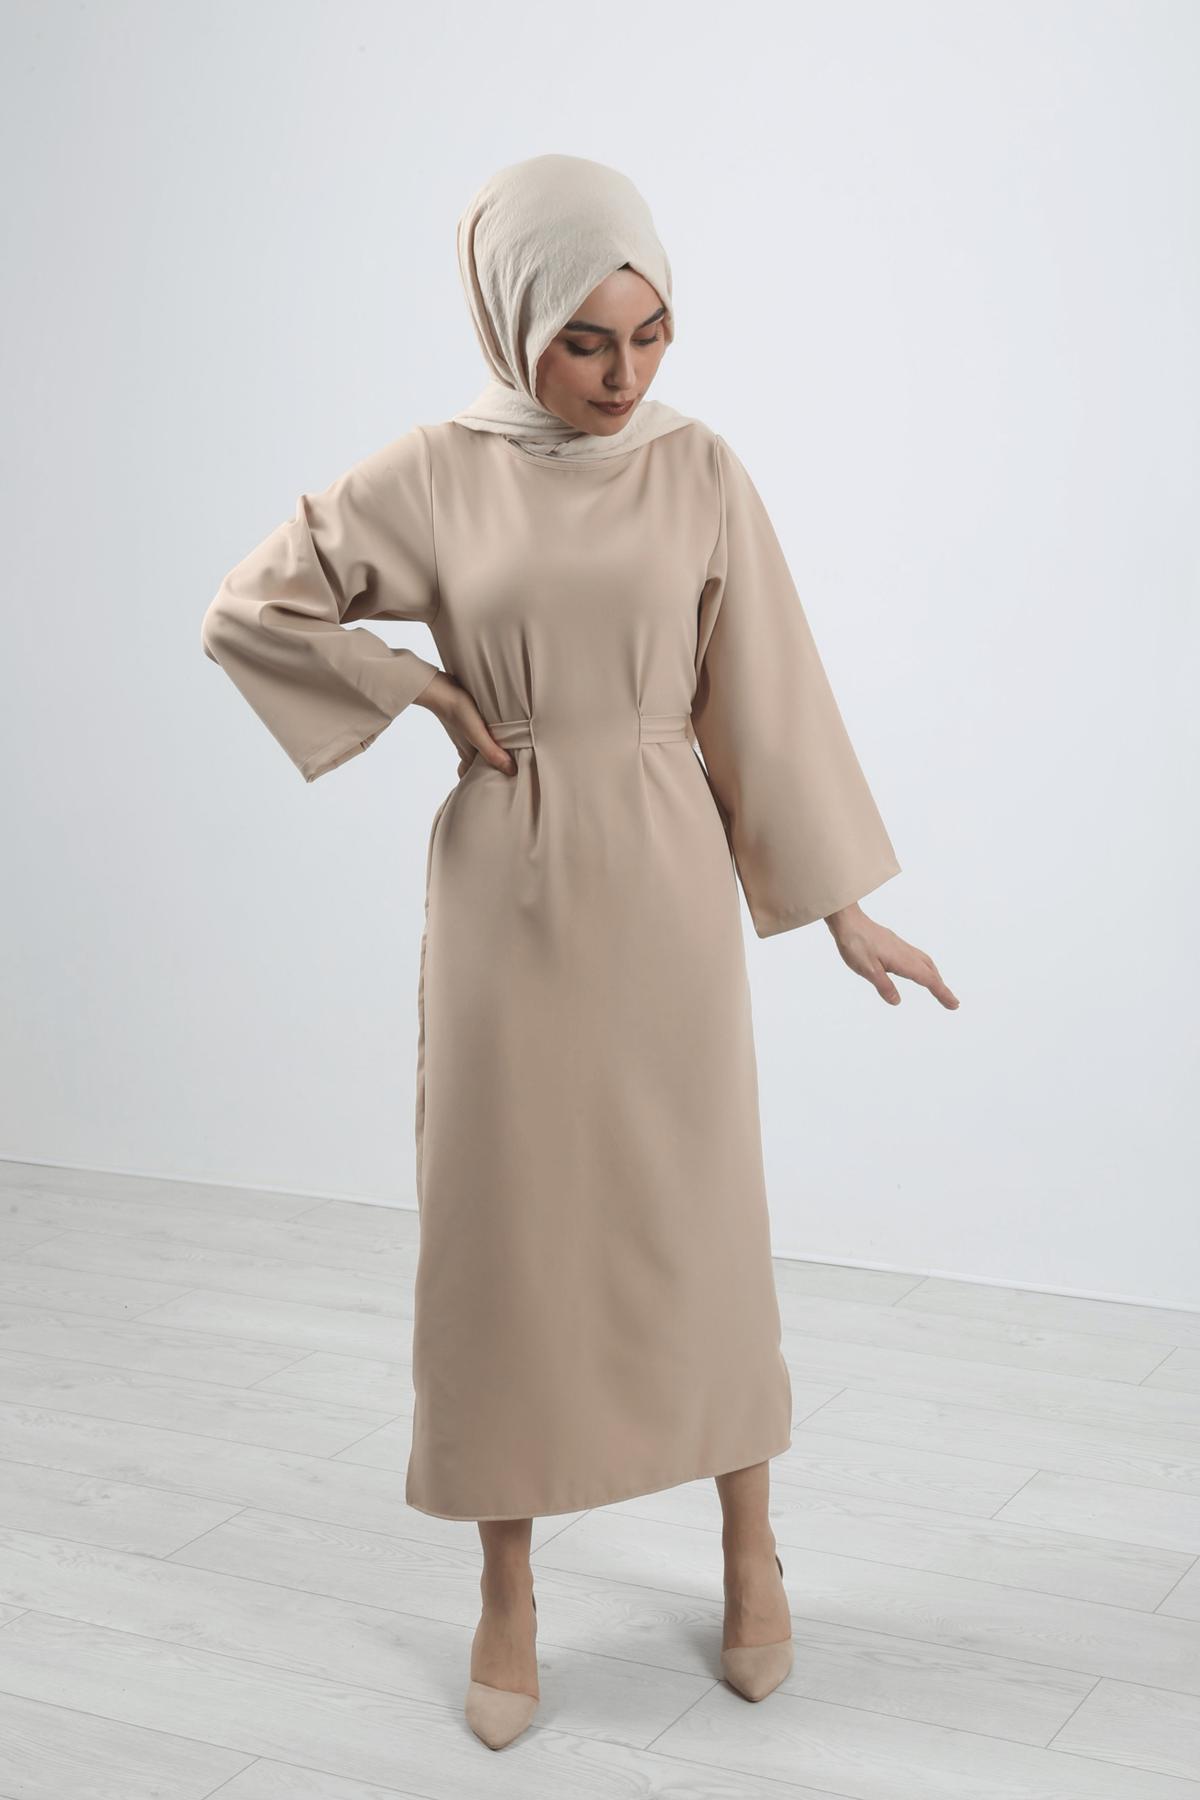 Bel Bağlamalı Kalem Elbise - Taş